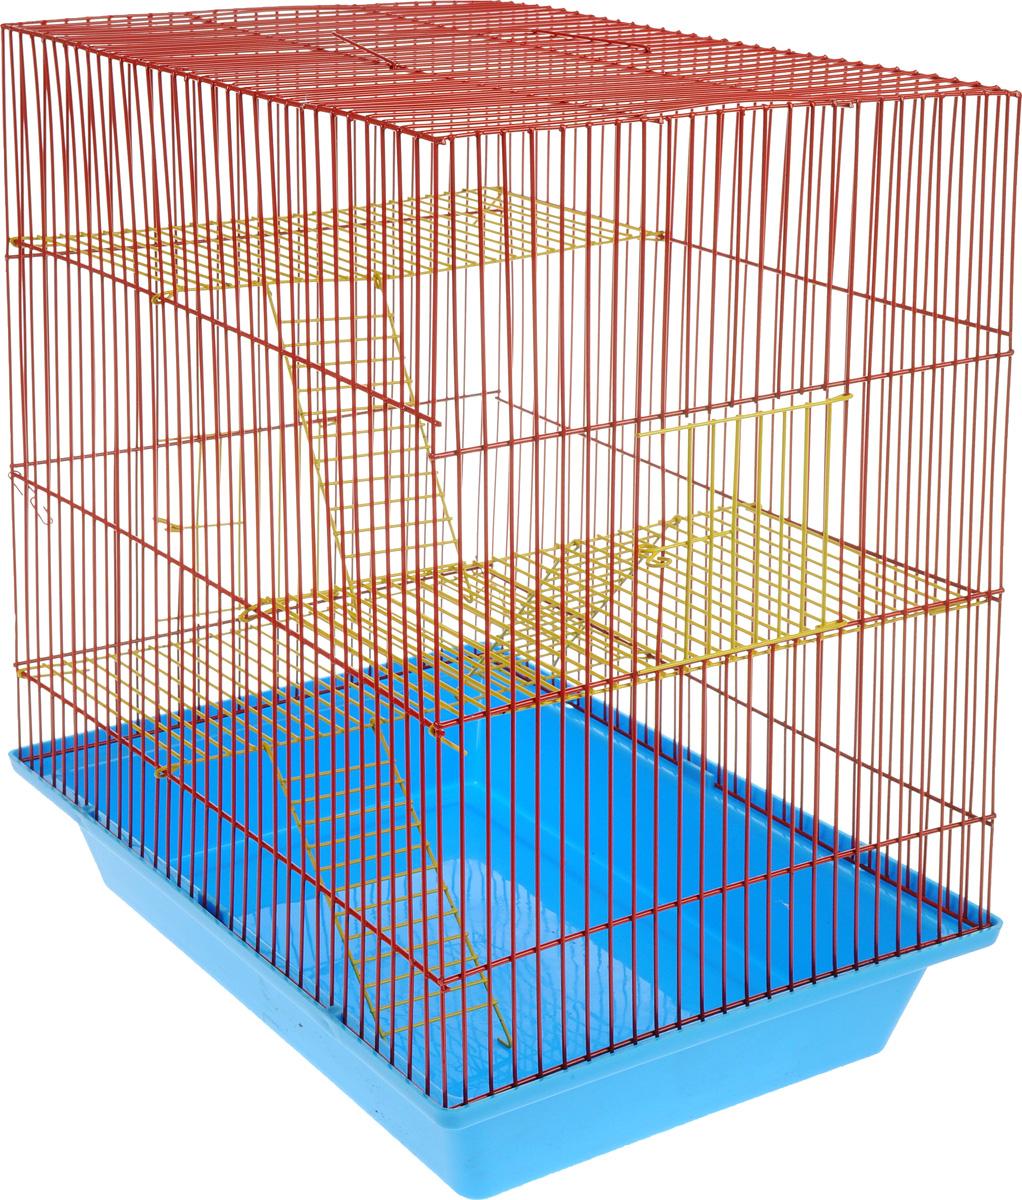 Клетка для грызунов ЗооМарк Гризли, 4-этажная, цвет: синий поддон, красная решетка, желтые этажи, 41 х 30 х 50 см640_фиолетовый, красныйКлетка ЗооМарк Гризли, выполненная из полипропилена и металла, подходит для мелких грызунов. Изделие четырехэтажное. Клетка имеет яркий поддон, удобна в использовании и легко чистится. Сверху имеется ручка для переноски.Такая клетка станет уединенным личным пространством и уютным домиком для маленького грызуна.